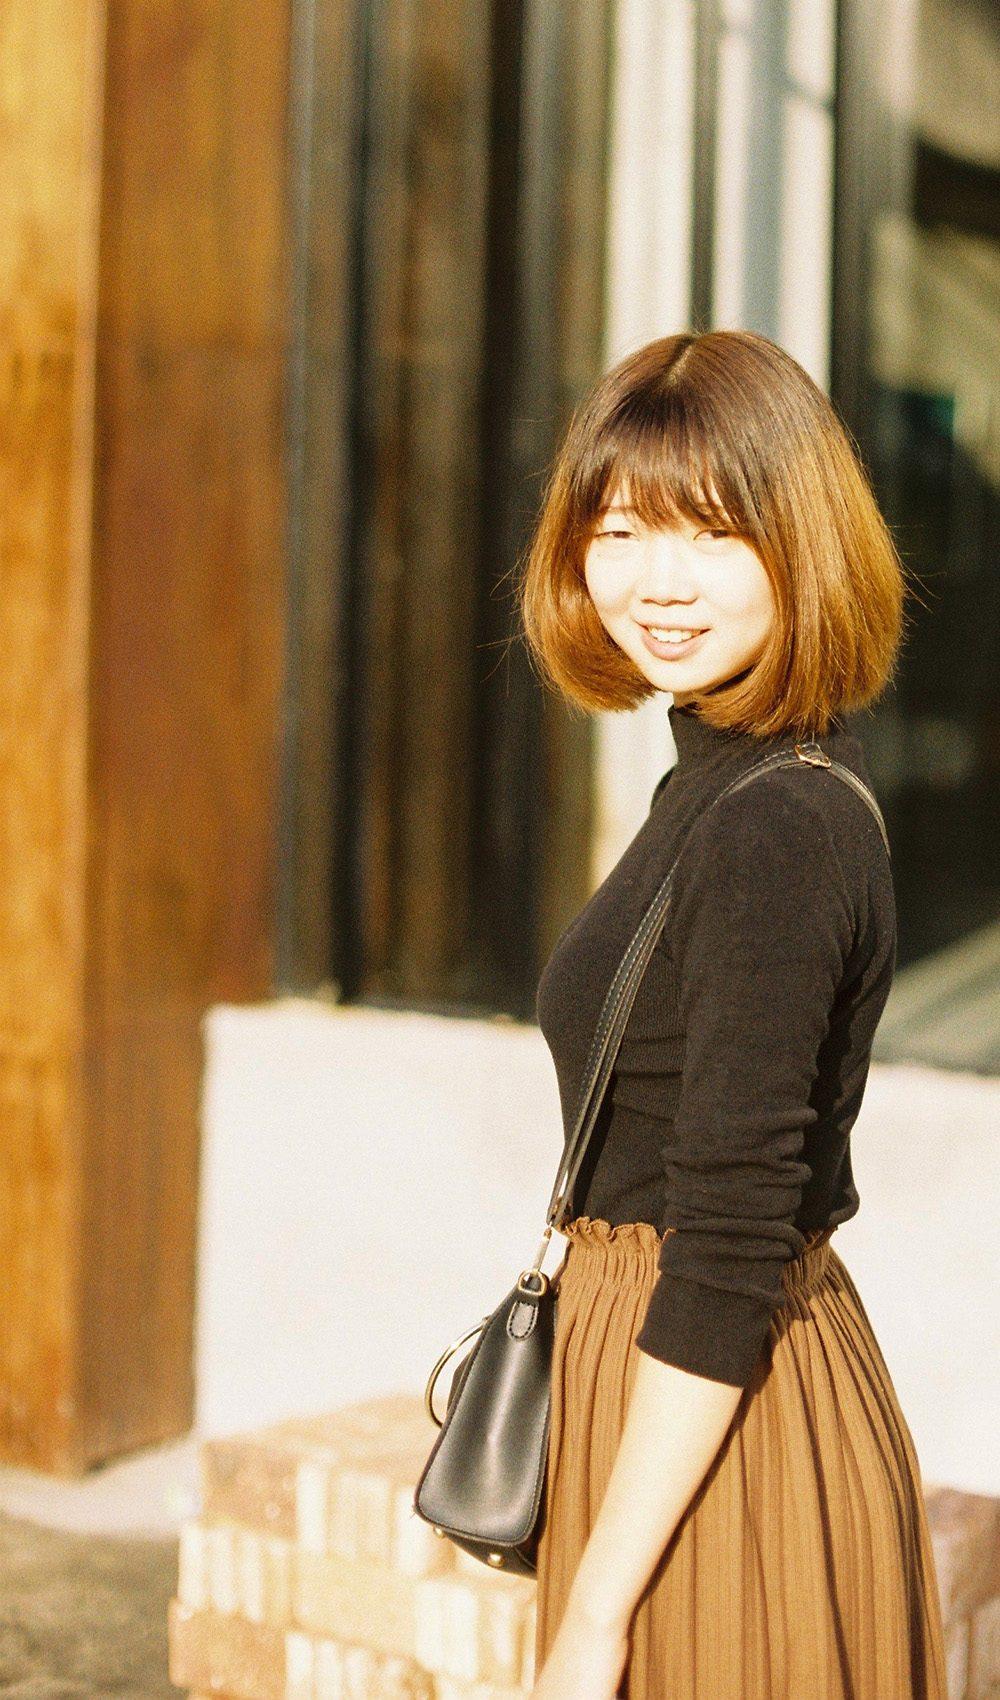 暖暖的冬天@倥哥爱江山-菲林中文-独立胶片摄影门户!